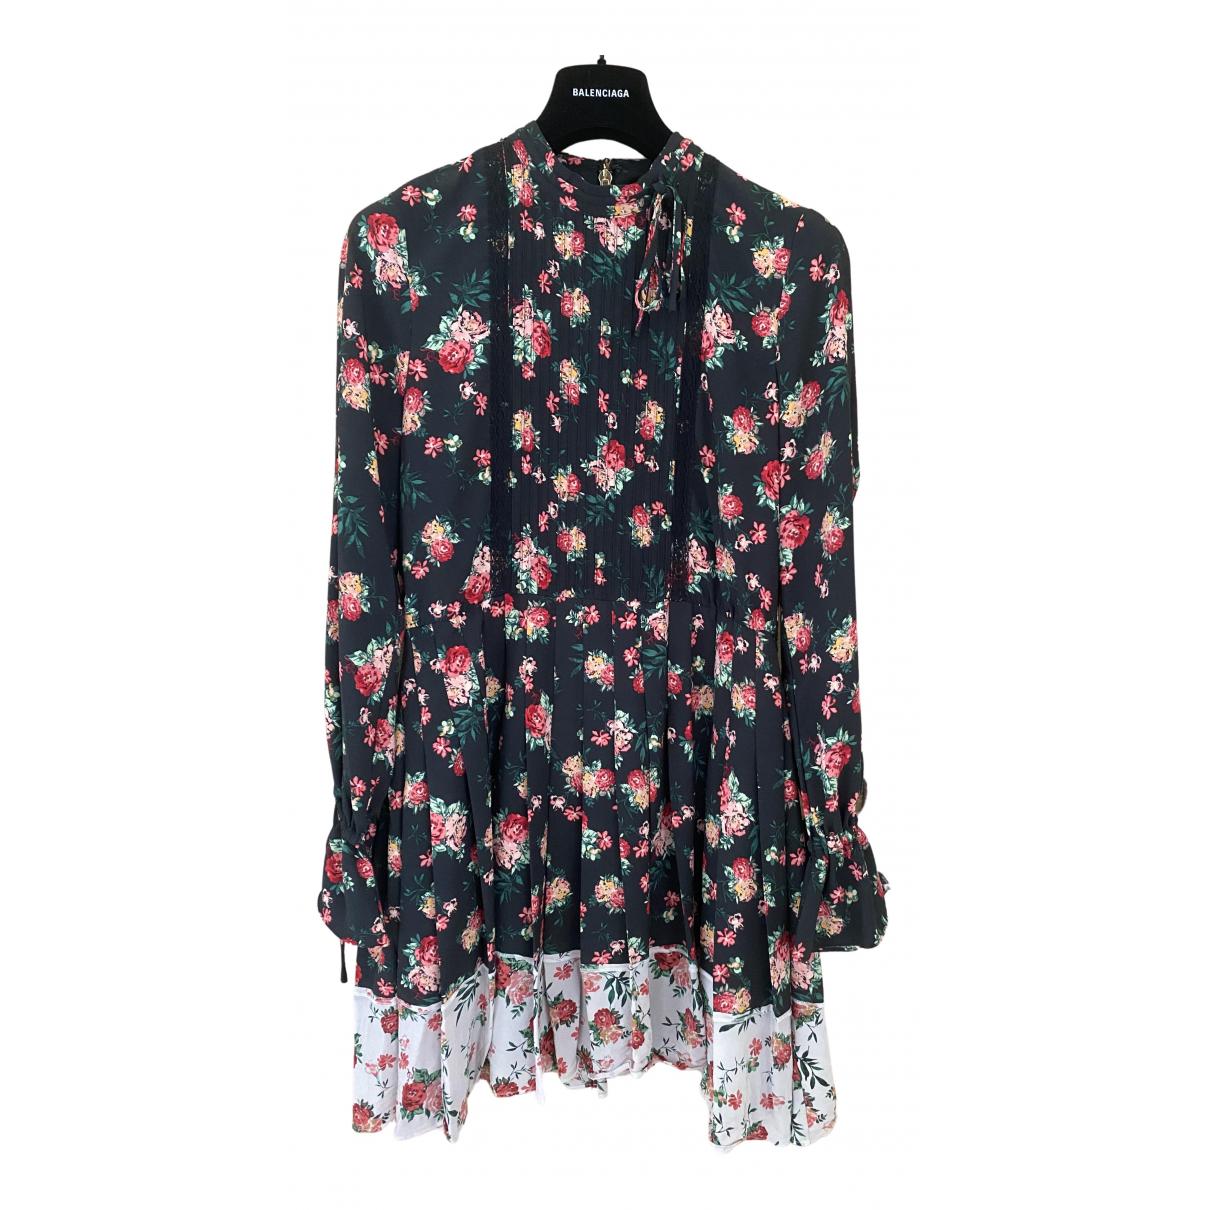 Juicy Couture \N Kleid in  Bunt Polyester